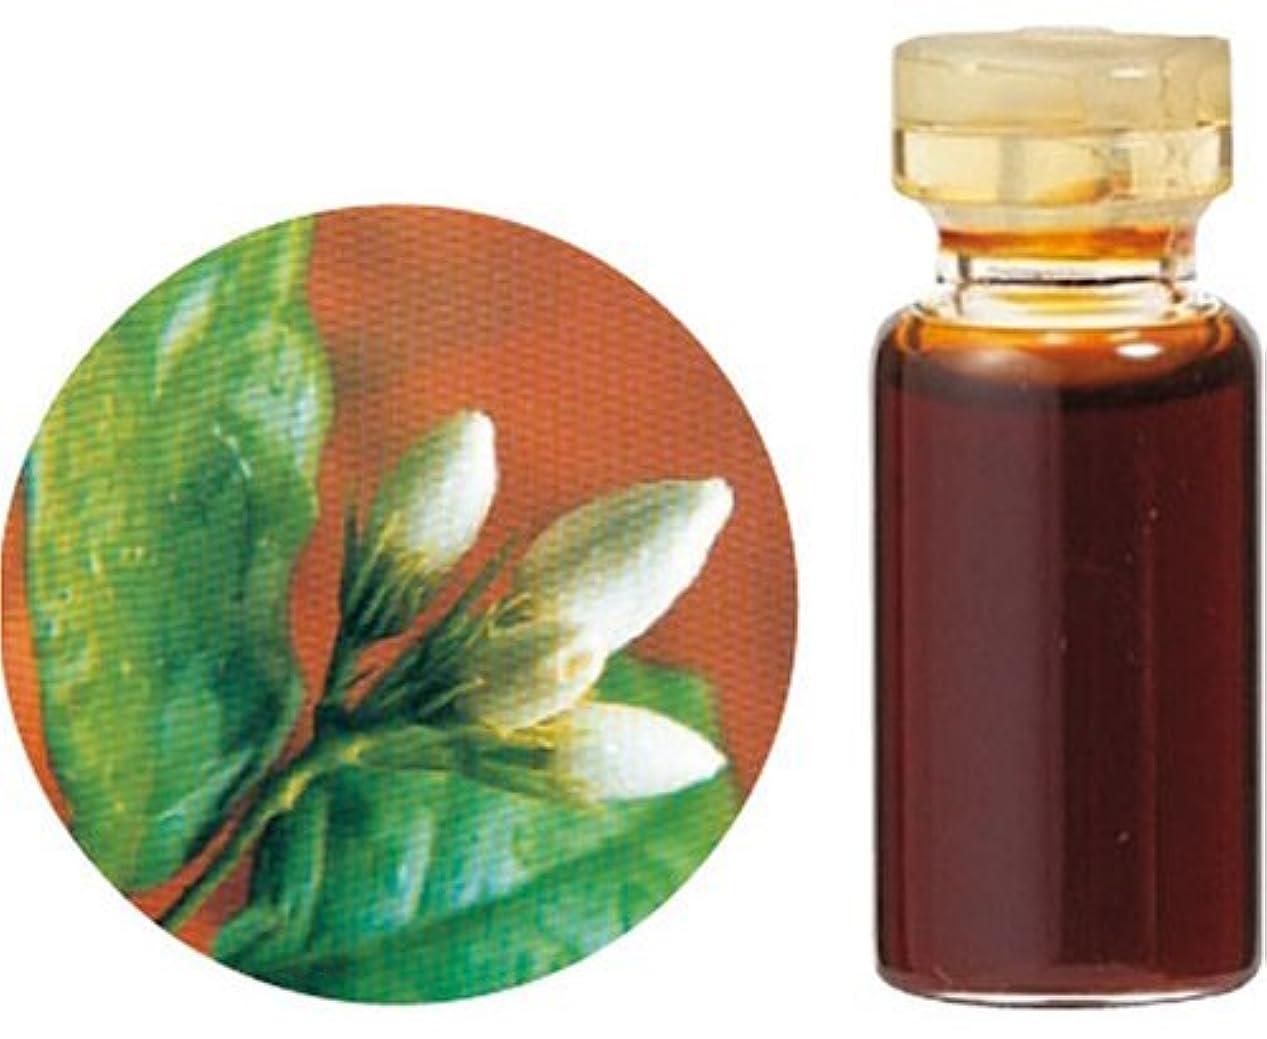 バングラデシュ文明短命HerbalLife ジャスミンサンバックAbs 1ml